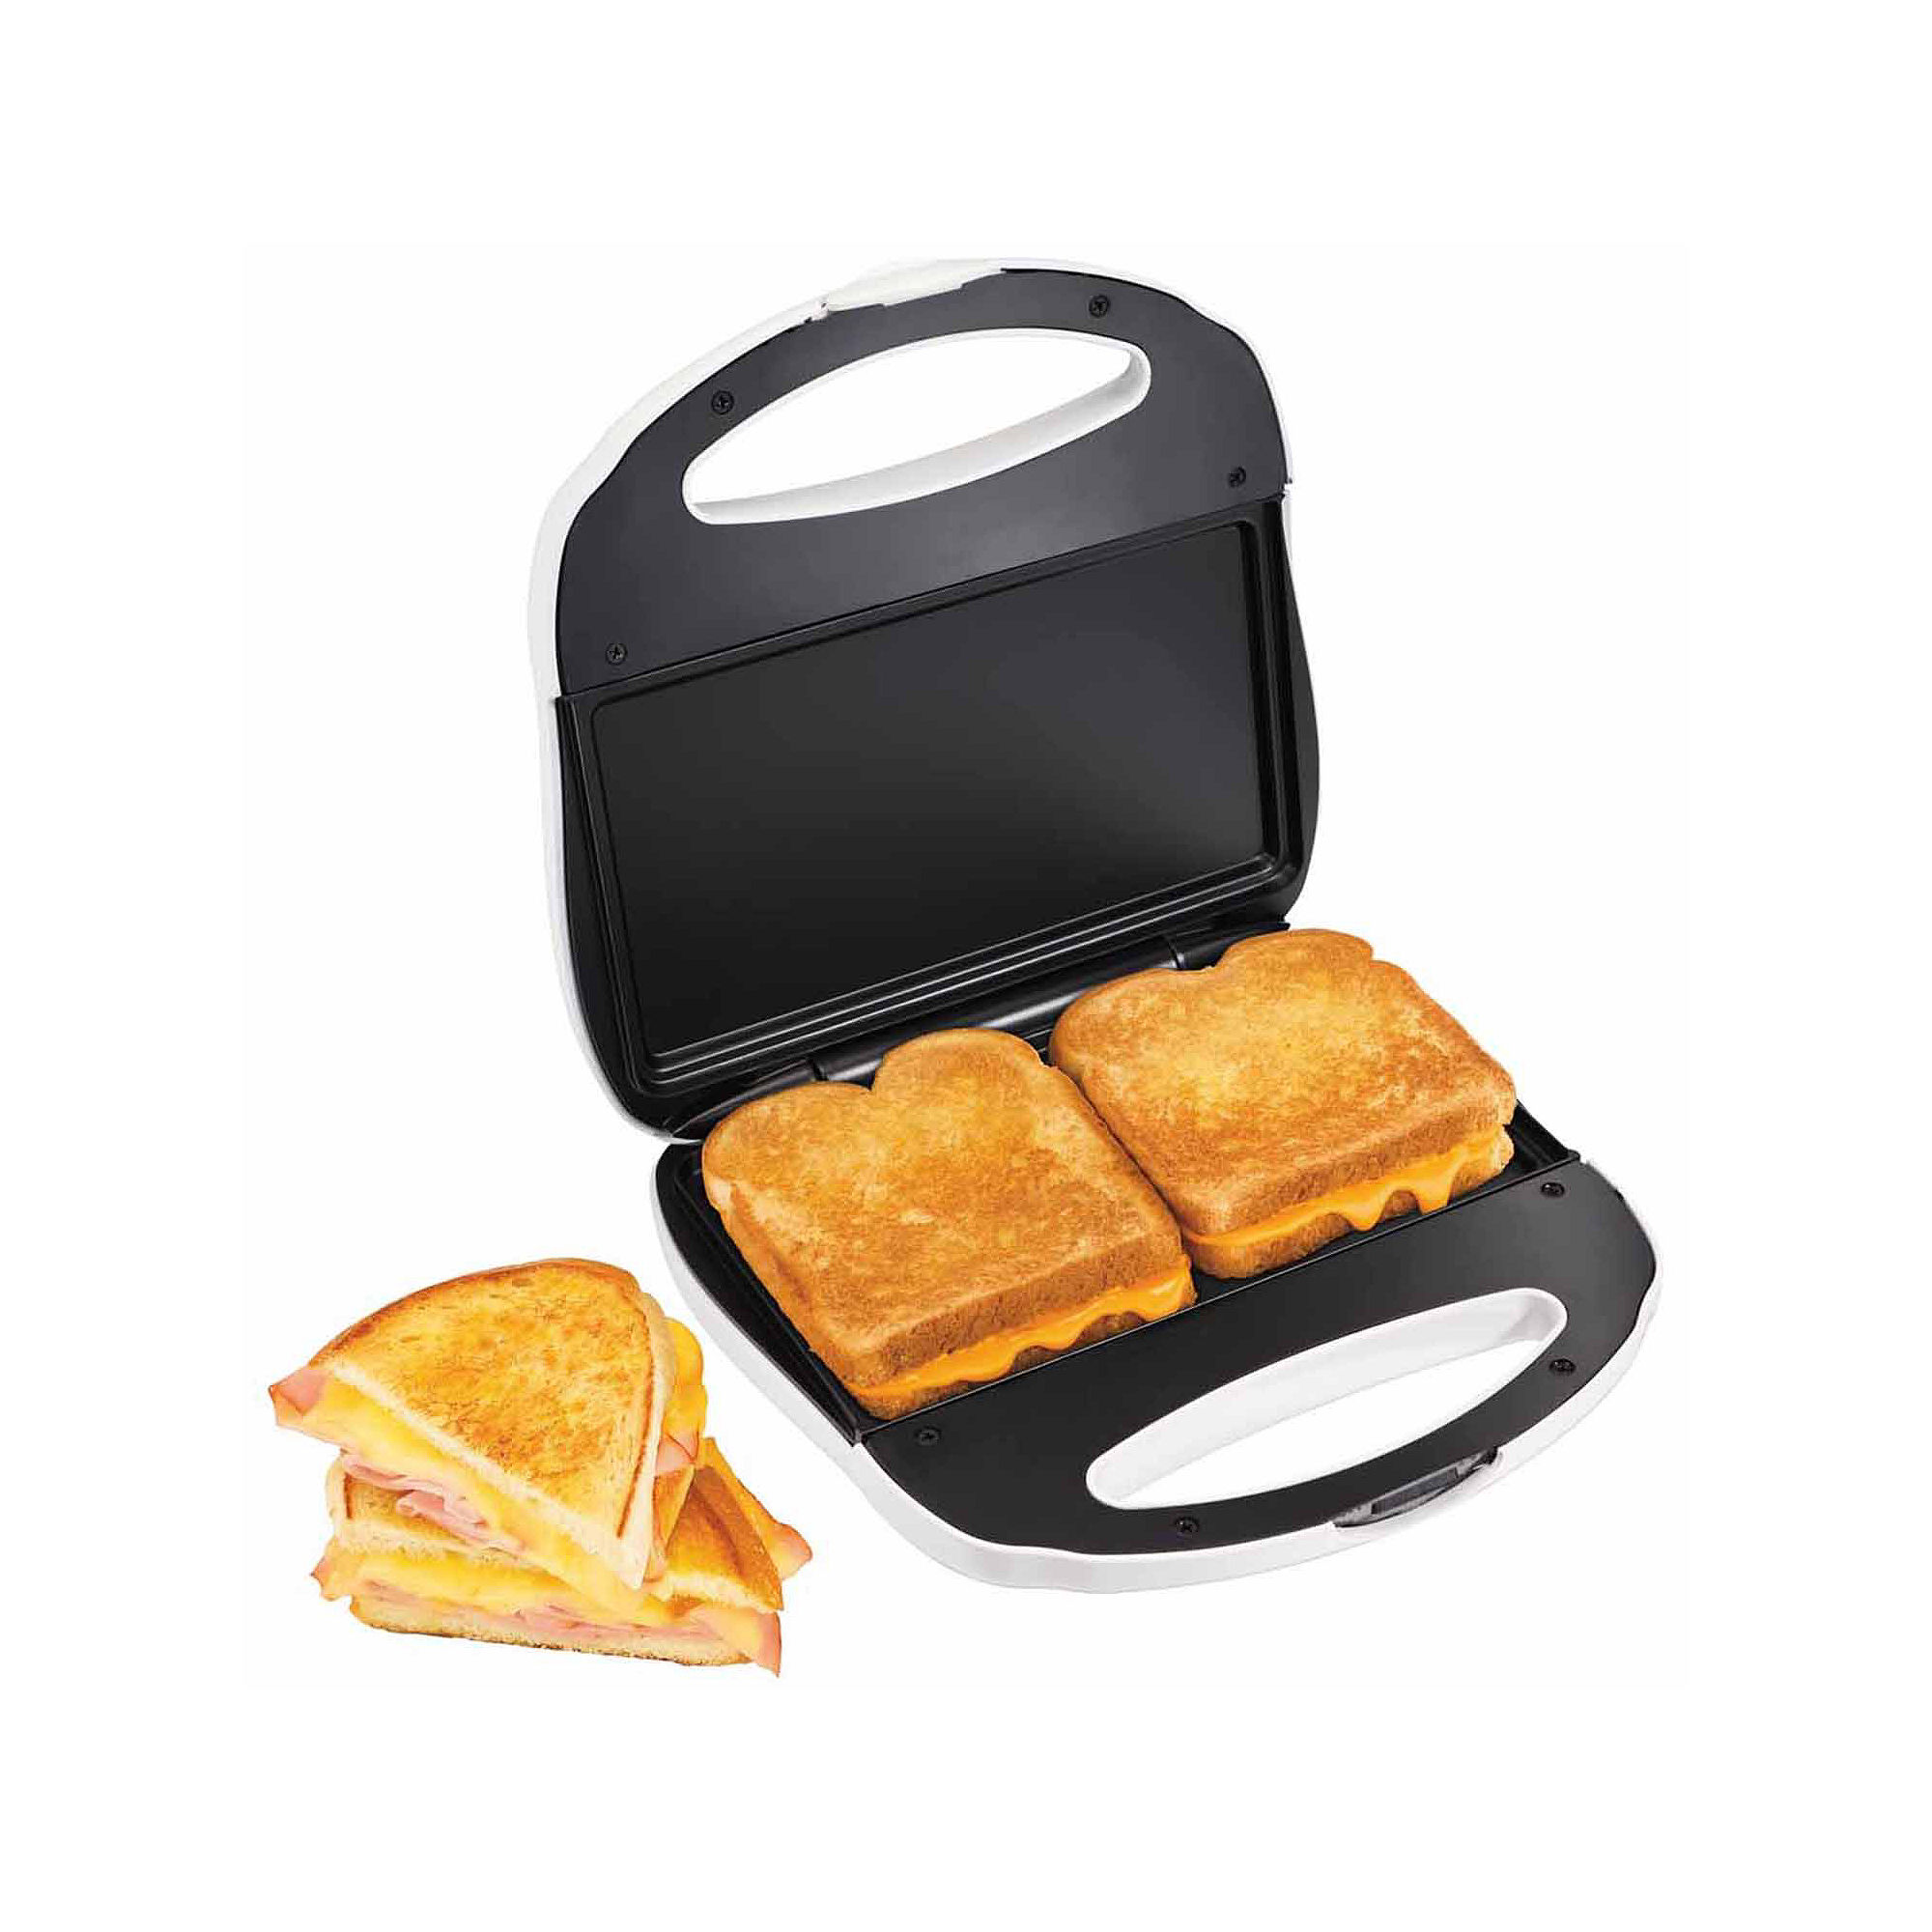 Proctor Silex Sandwich Maker